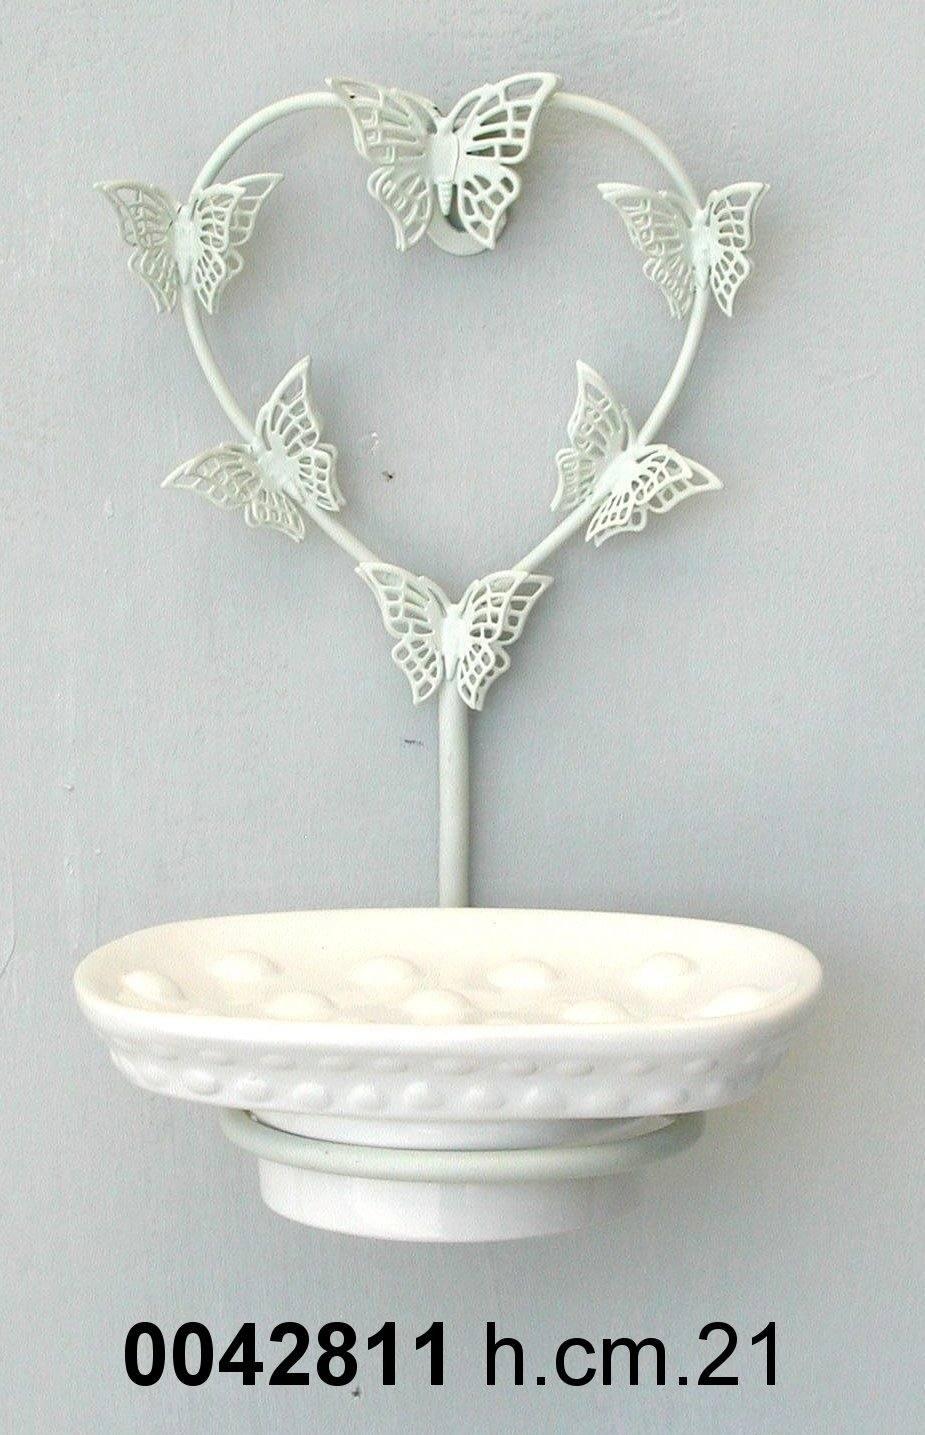 Antica soffitta porta sapone ferro ceramica farfalle - Porta per soffitta ...